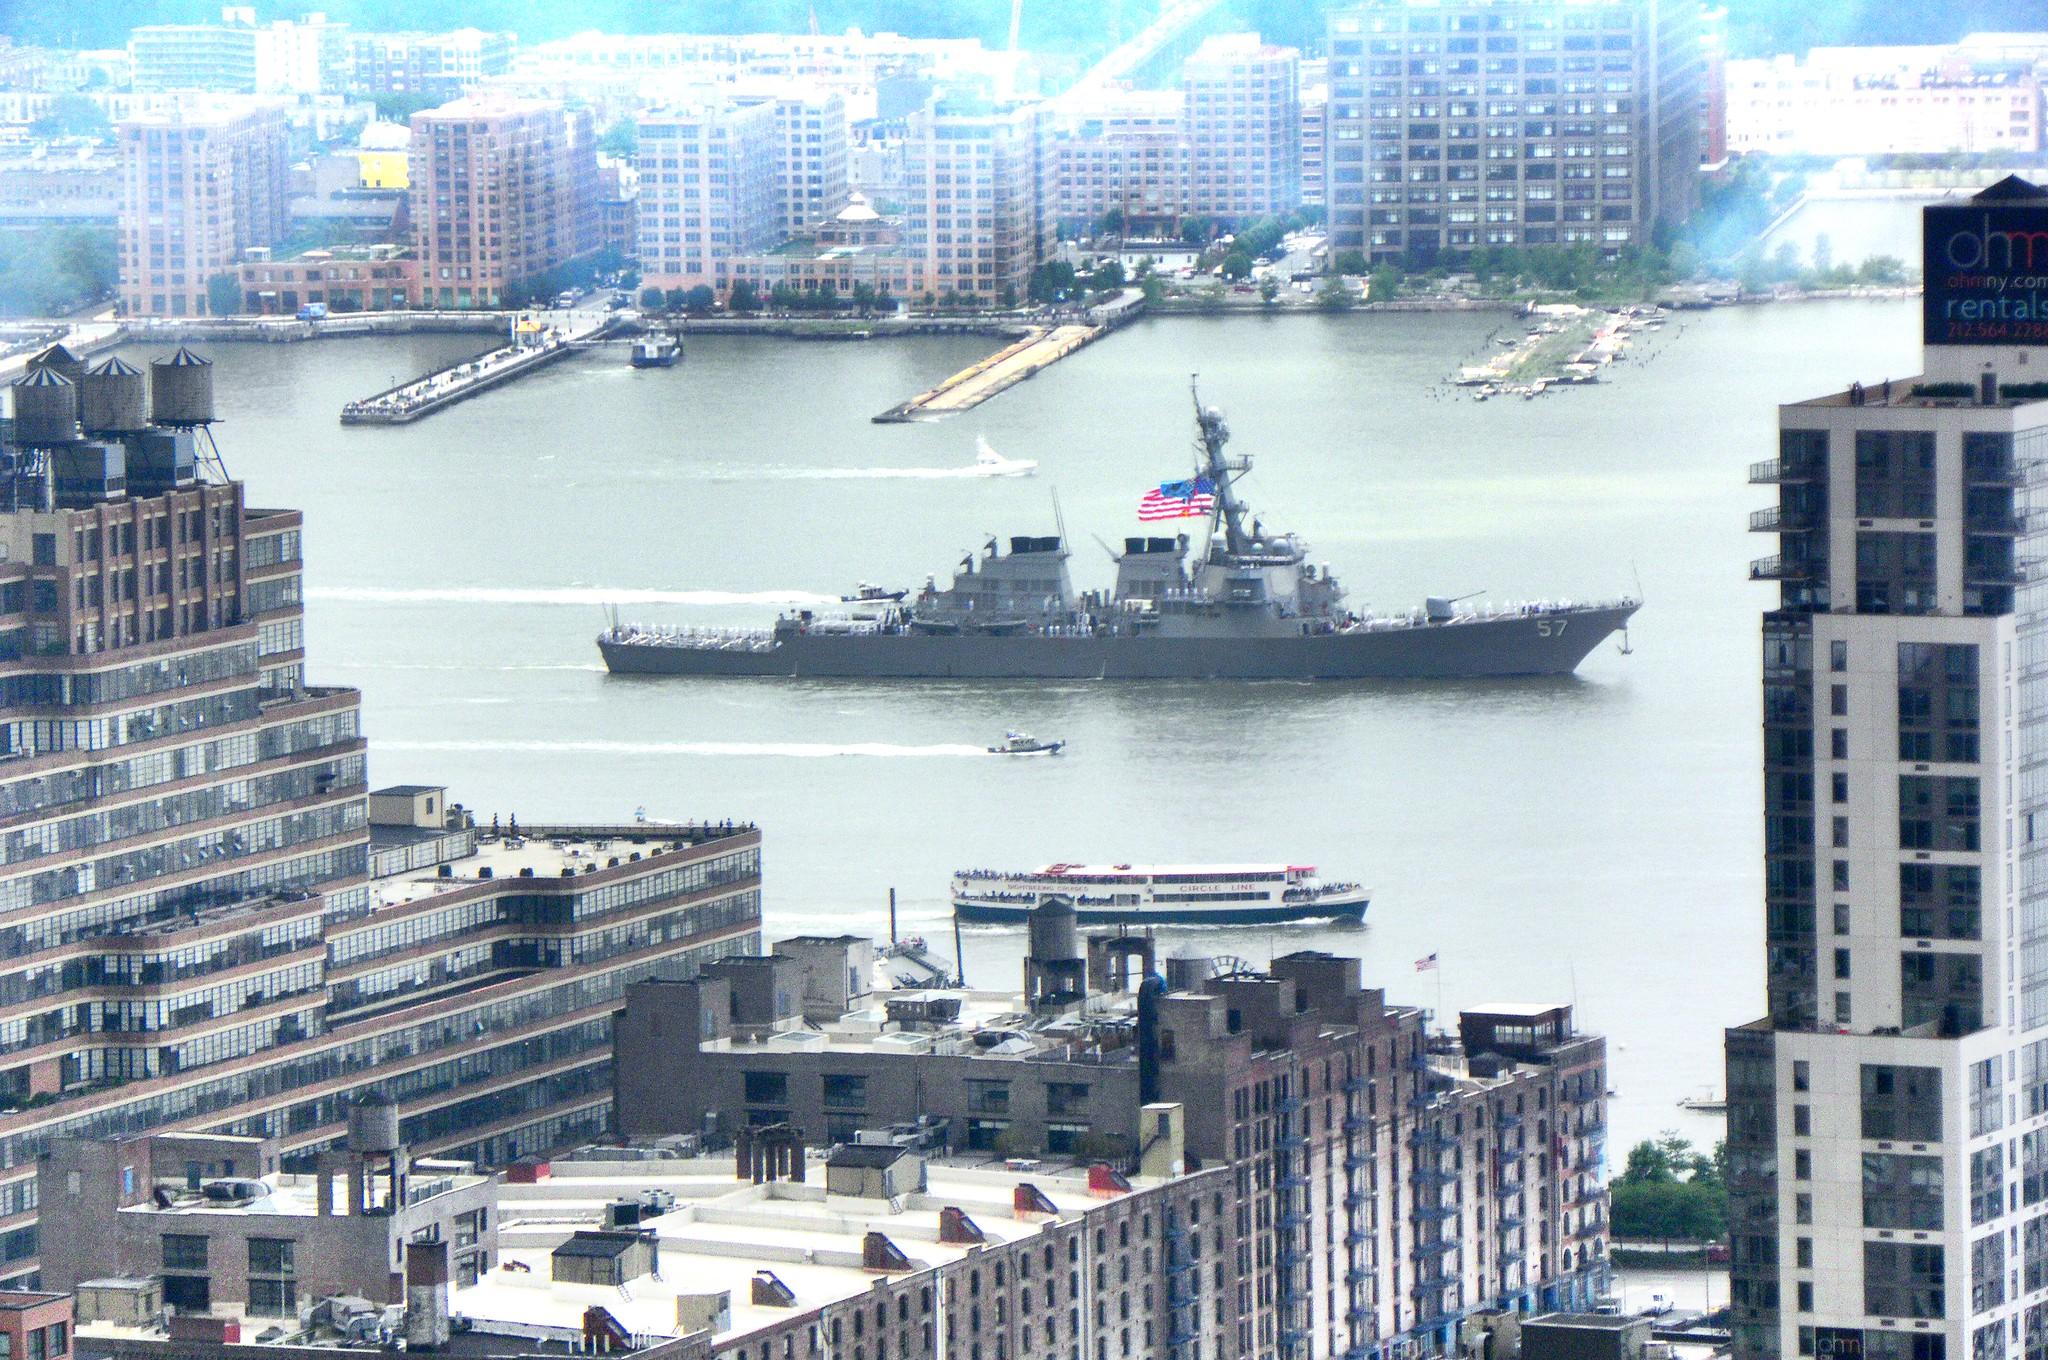 Fleet week 2012 - Navy destroyer on the Hudson